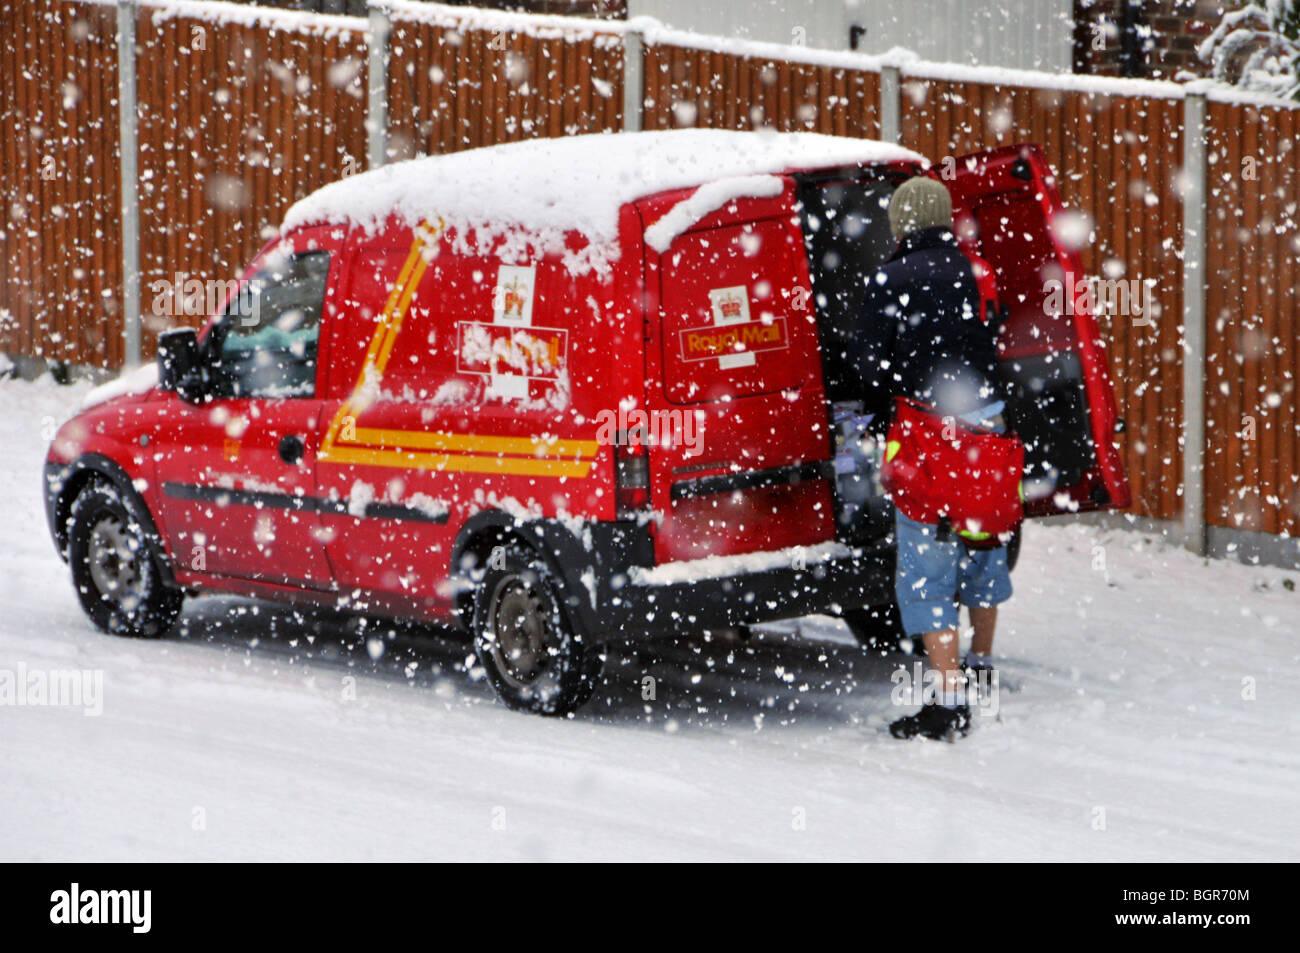 Royal Mail Lieferwagen und Postman in Wohnstraße in Schnee Sturm Nummernschild verdeckt Stockbild